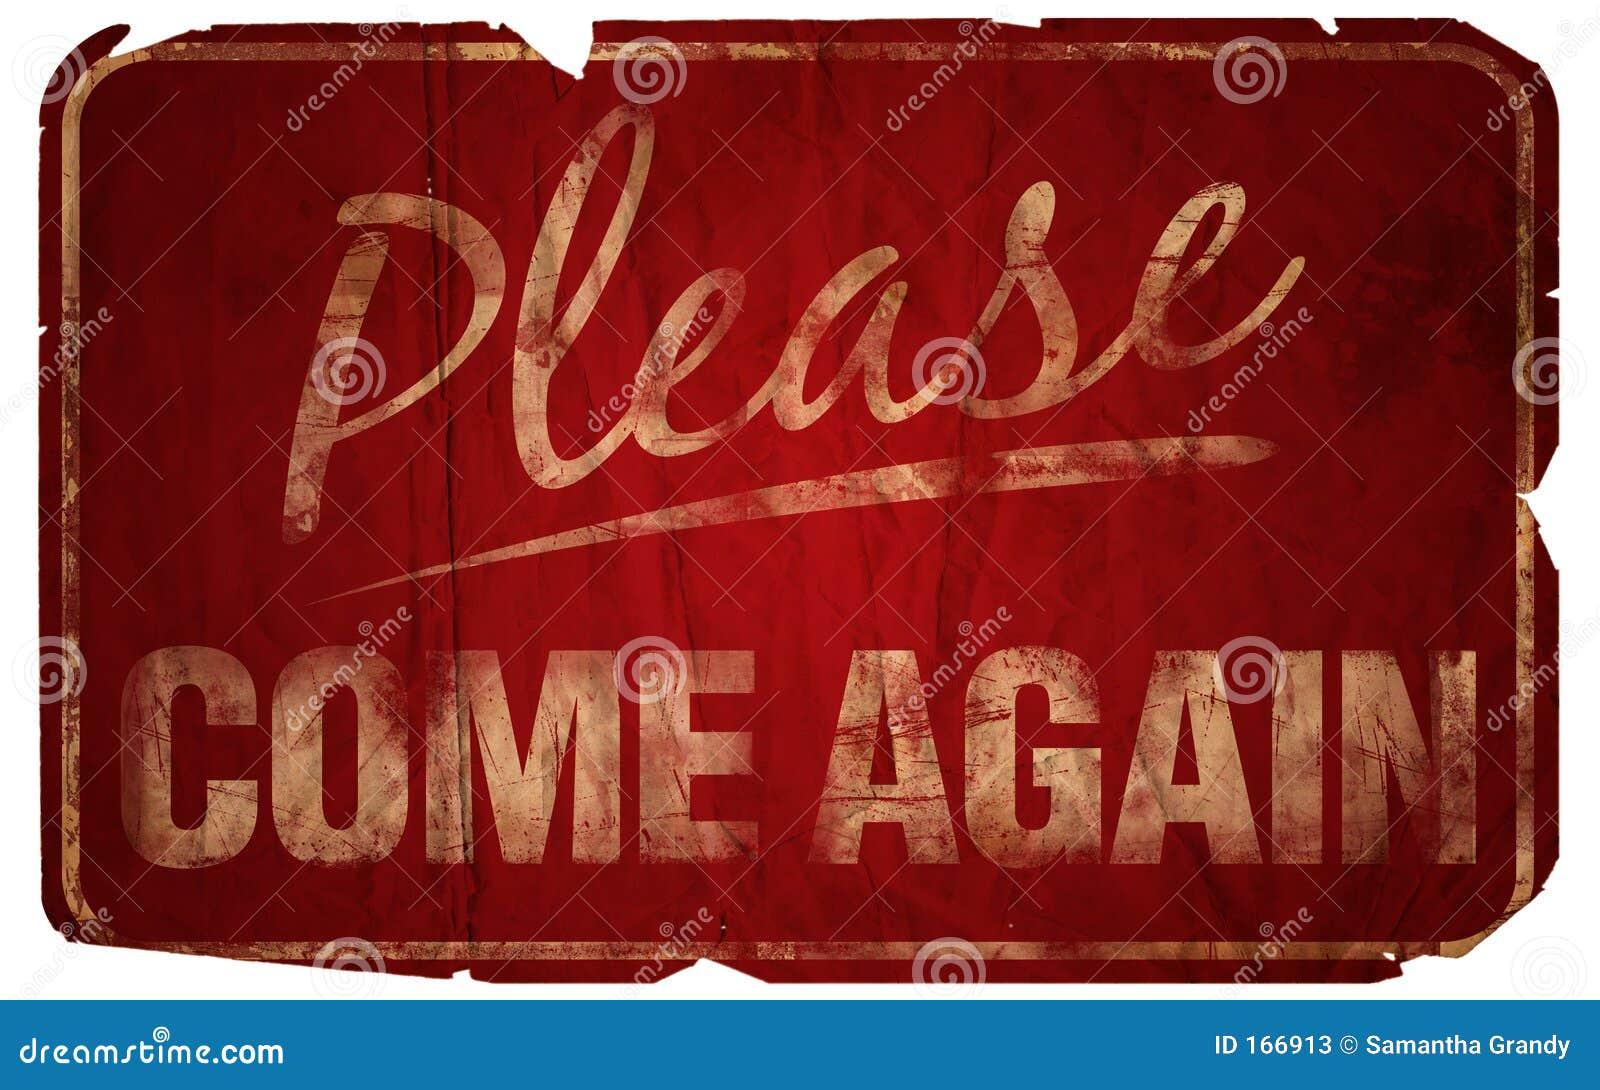 Envelhecido por favor venha outra vez